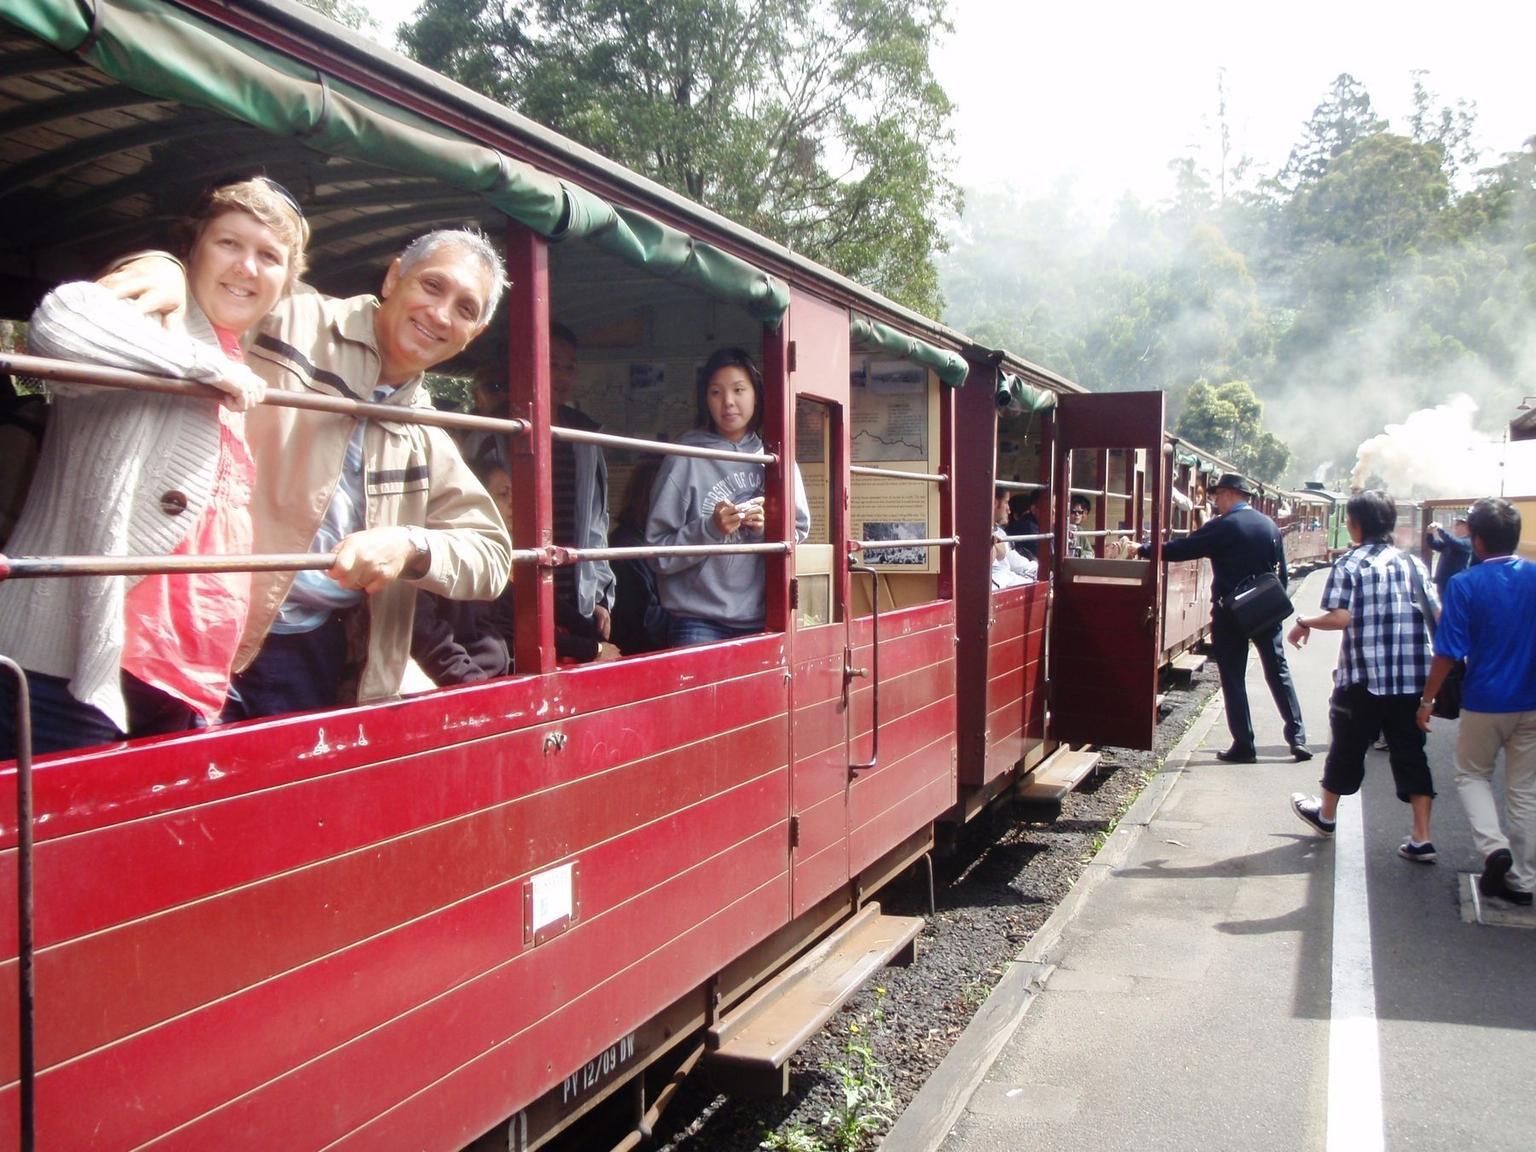 MÁS FOTOS, Recorrido en tren de vapor Puffing Billy y por la reserva de Healesville con salida desde Melbourne